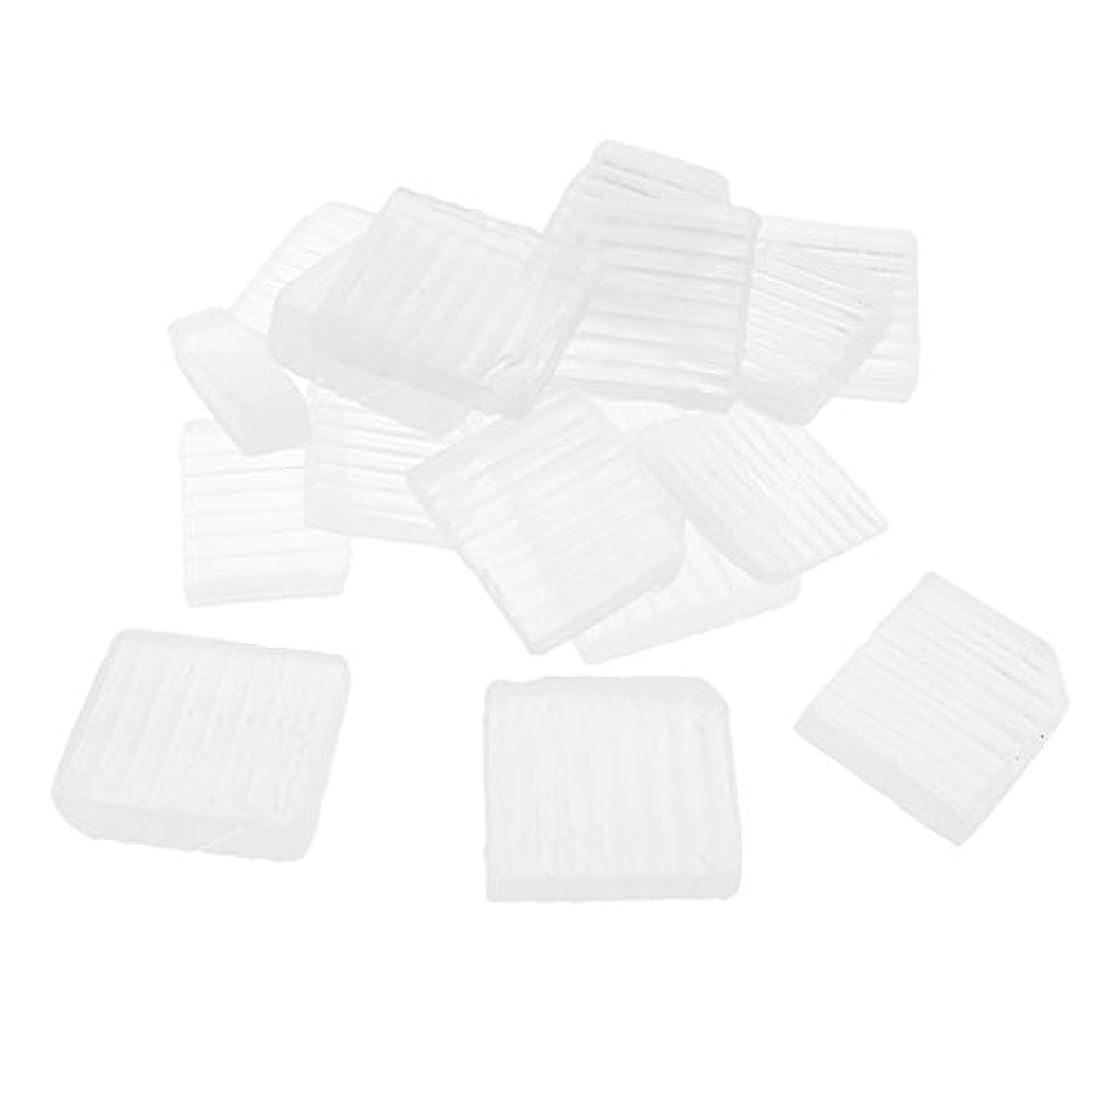 人差し指さらに楽しいSharplace 透明 石鹸ベース DIY 手作り 石鹸 約1 KG